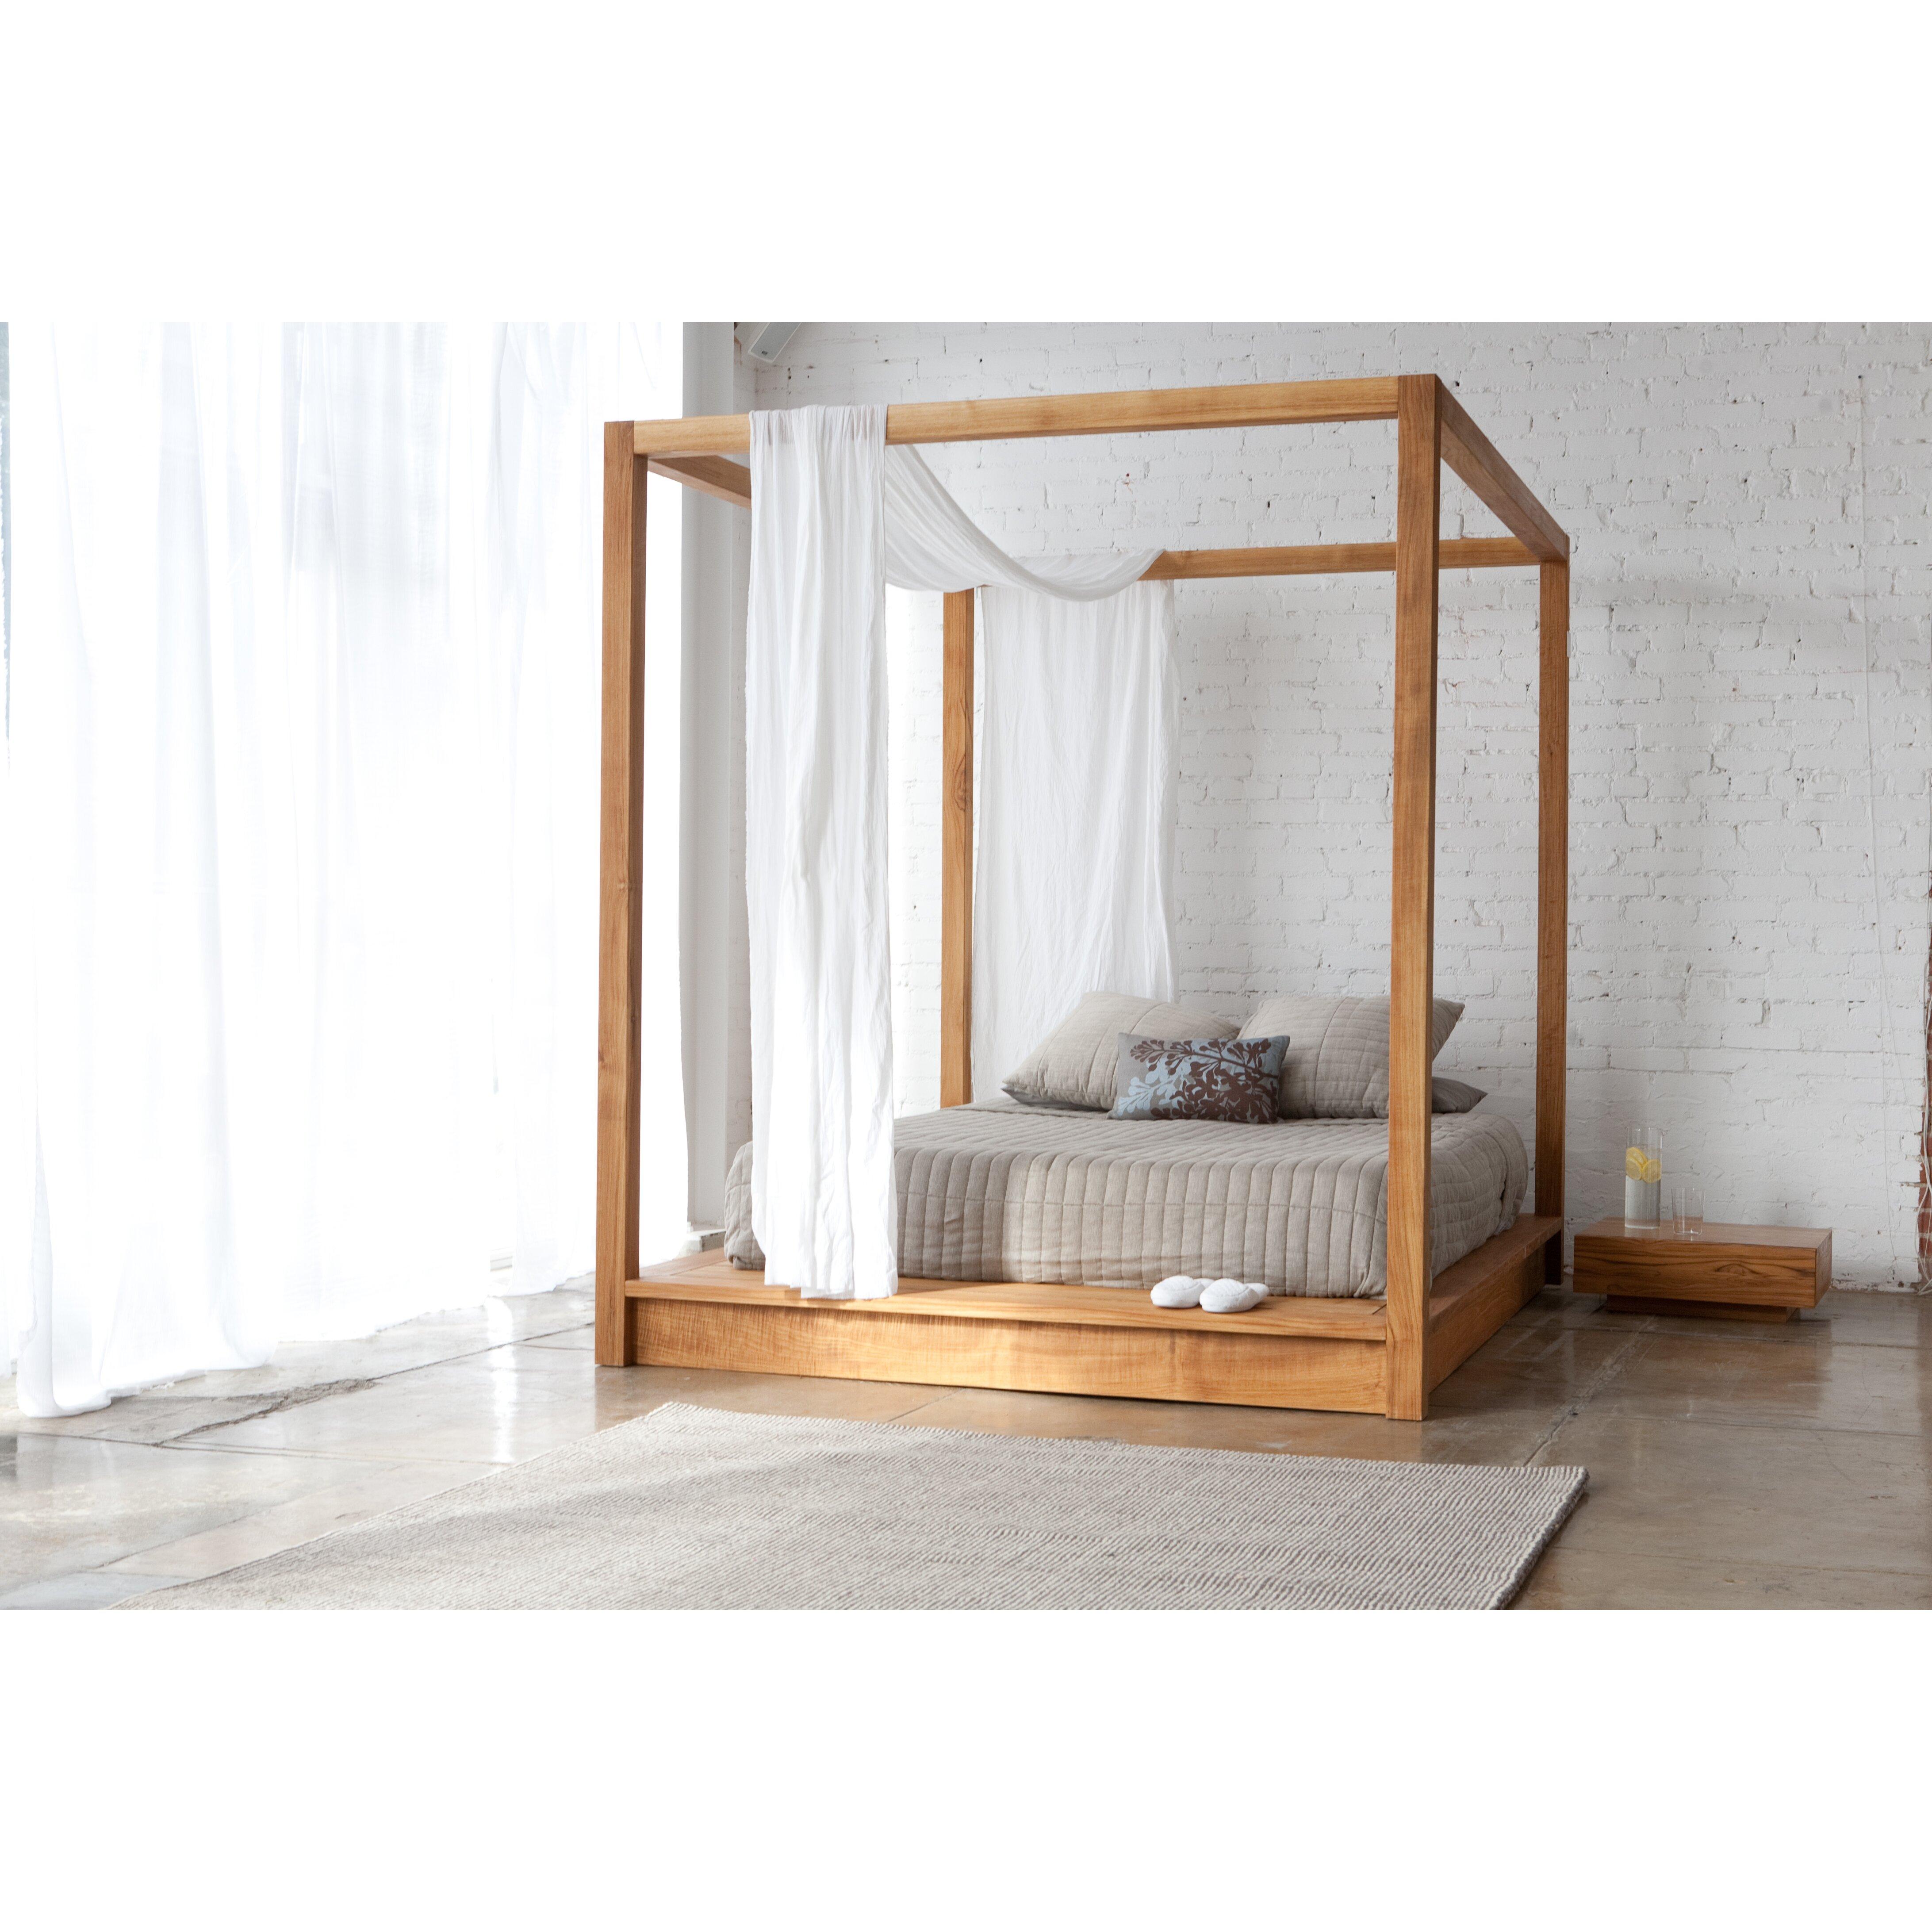 Mash Studios Pchseries Canopy Bed Reviews Wayfair